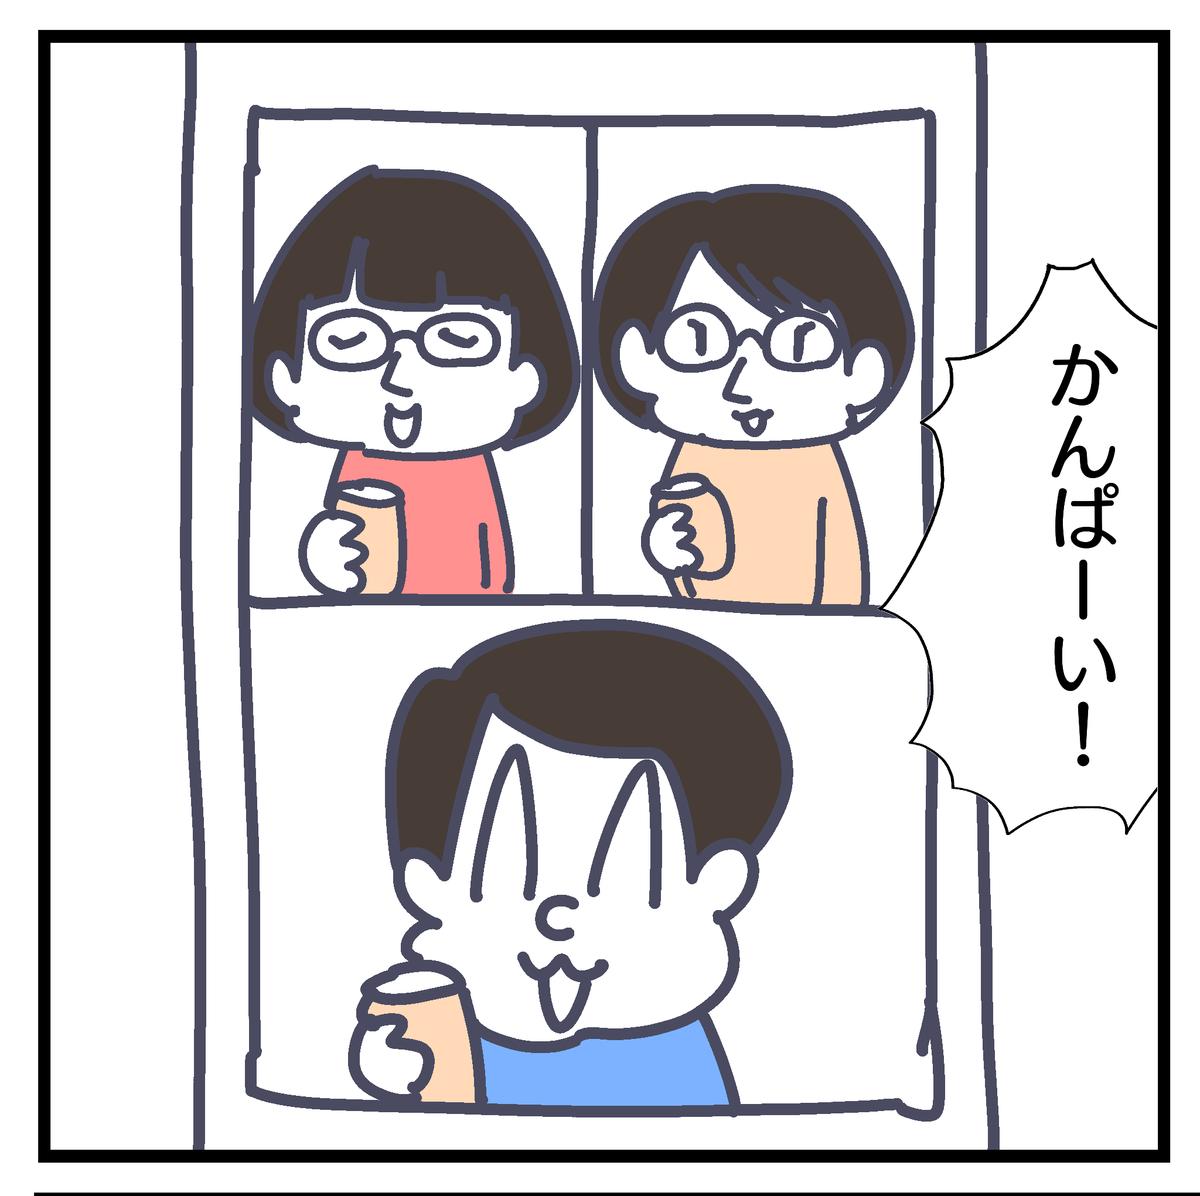 f:id:YuruFuwaTa:20200604113925p:plain